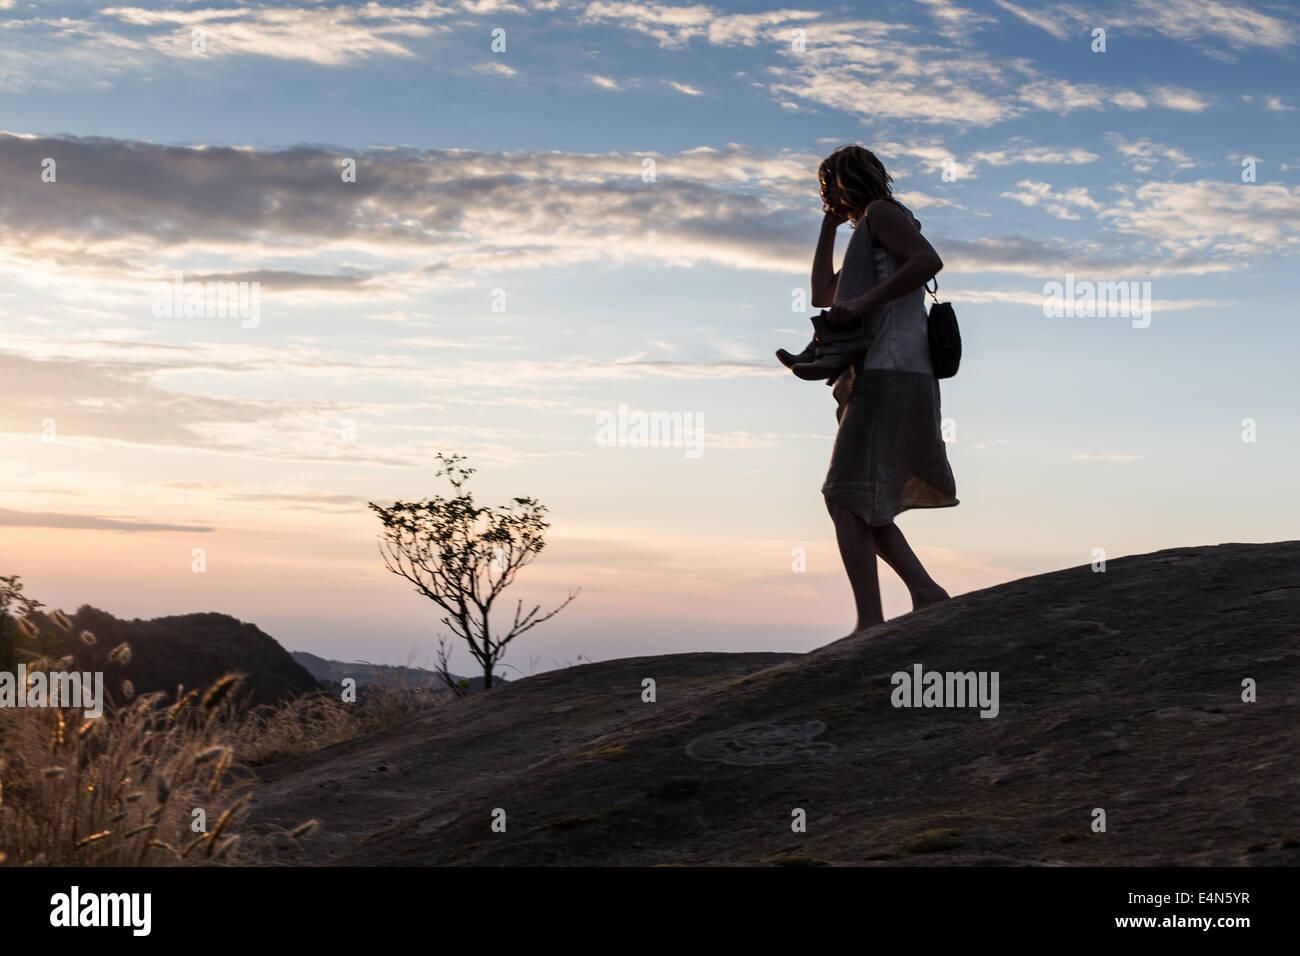 Silueta de mujer al teléfono caminar descalzo a través de colinas remotas al anochecer la celebración Imagen De Stock